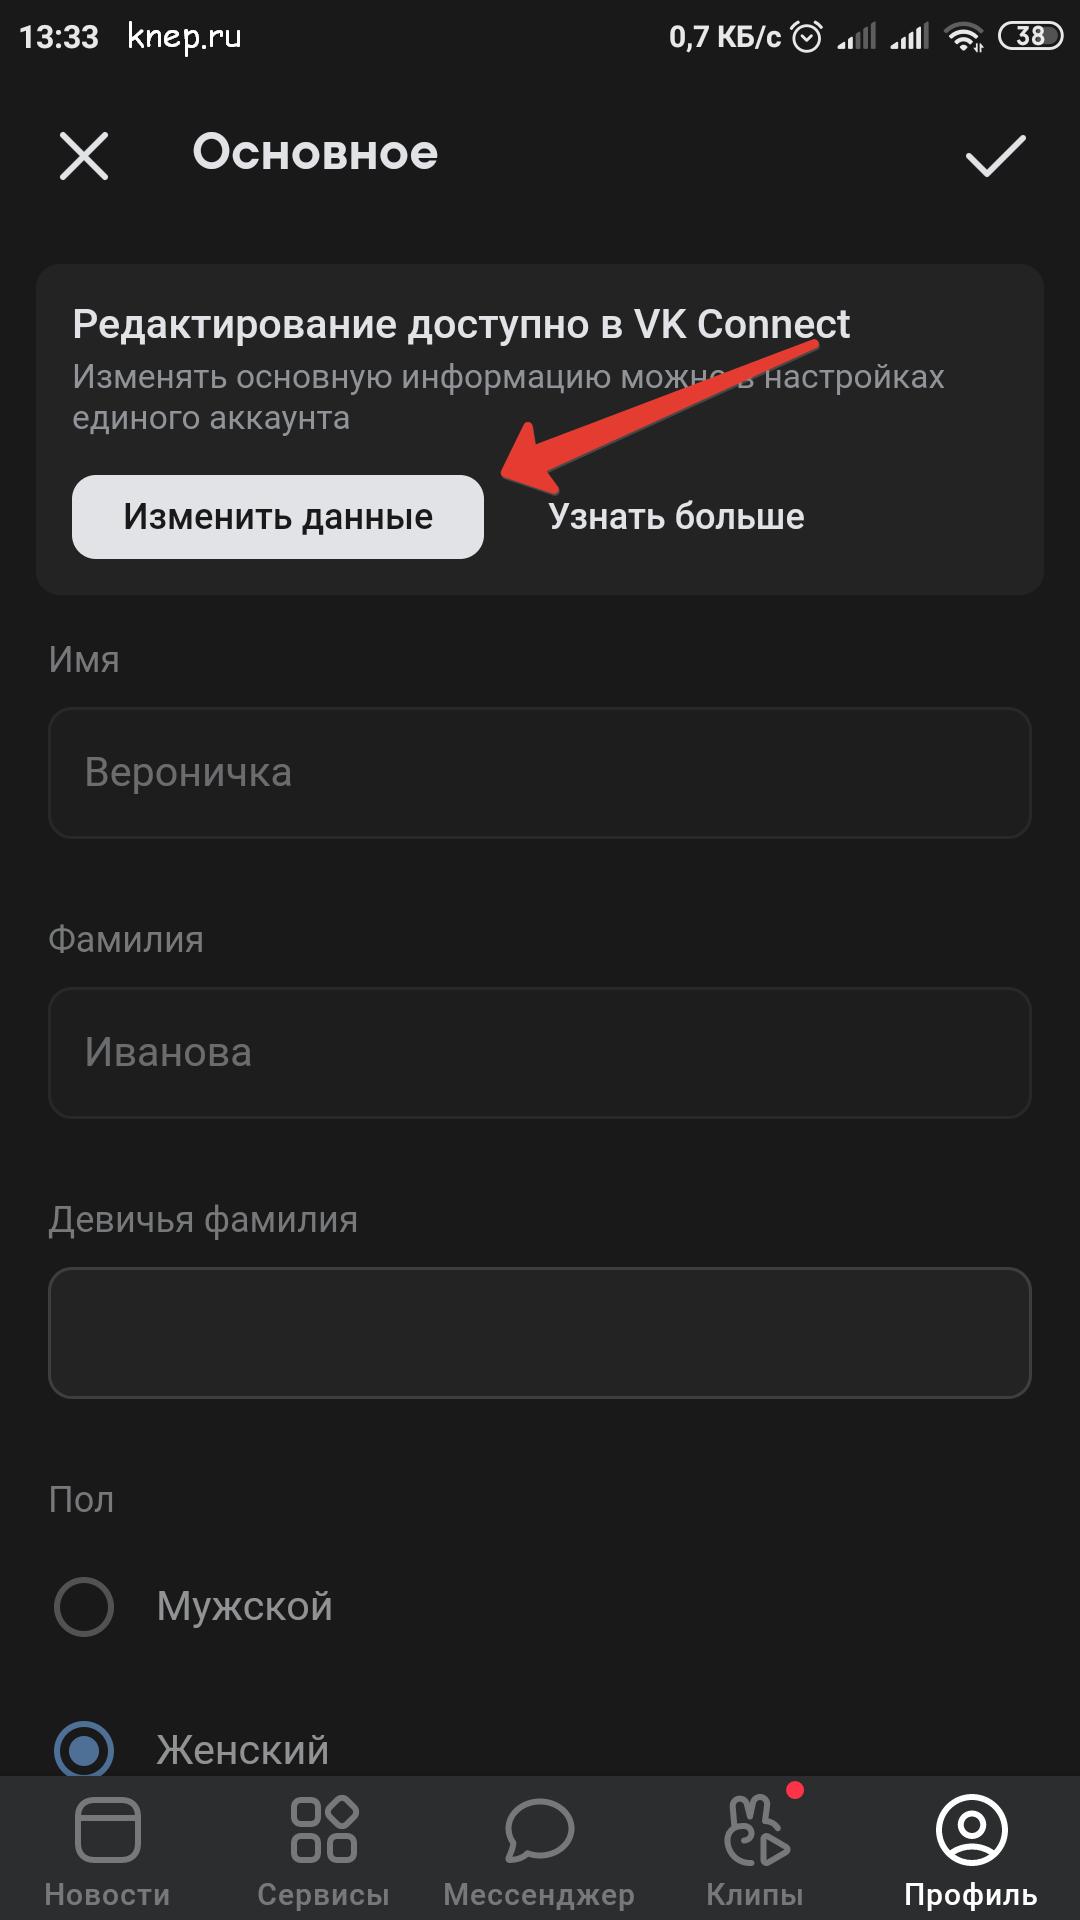 Нажимаем Изменить данные в Vk Connect